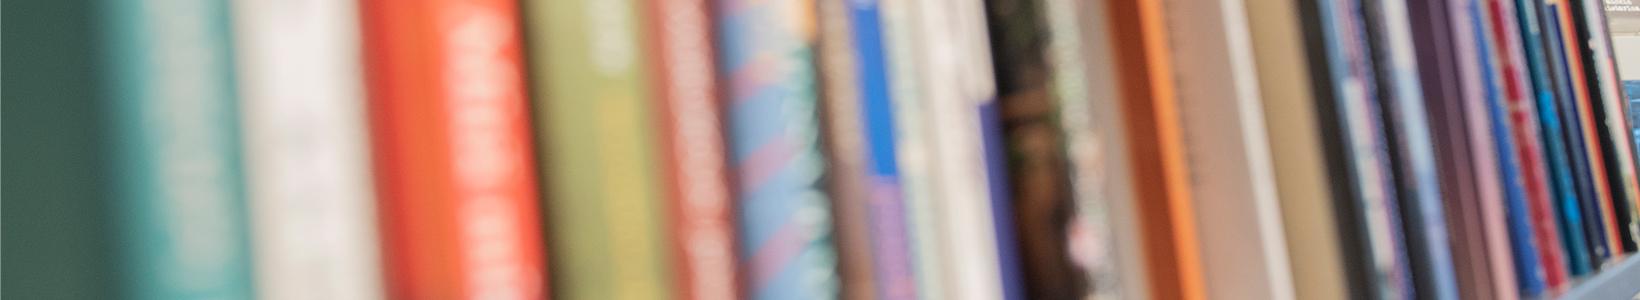 Karismakirja kristilliset kirjat